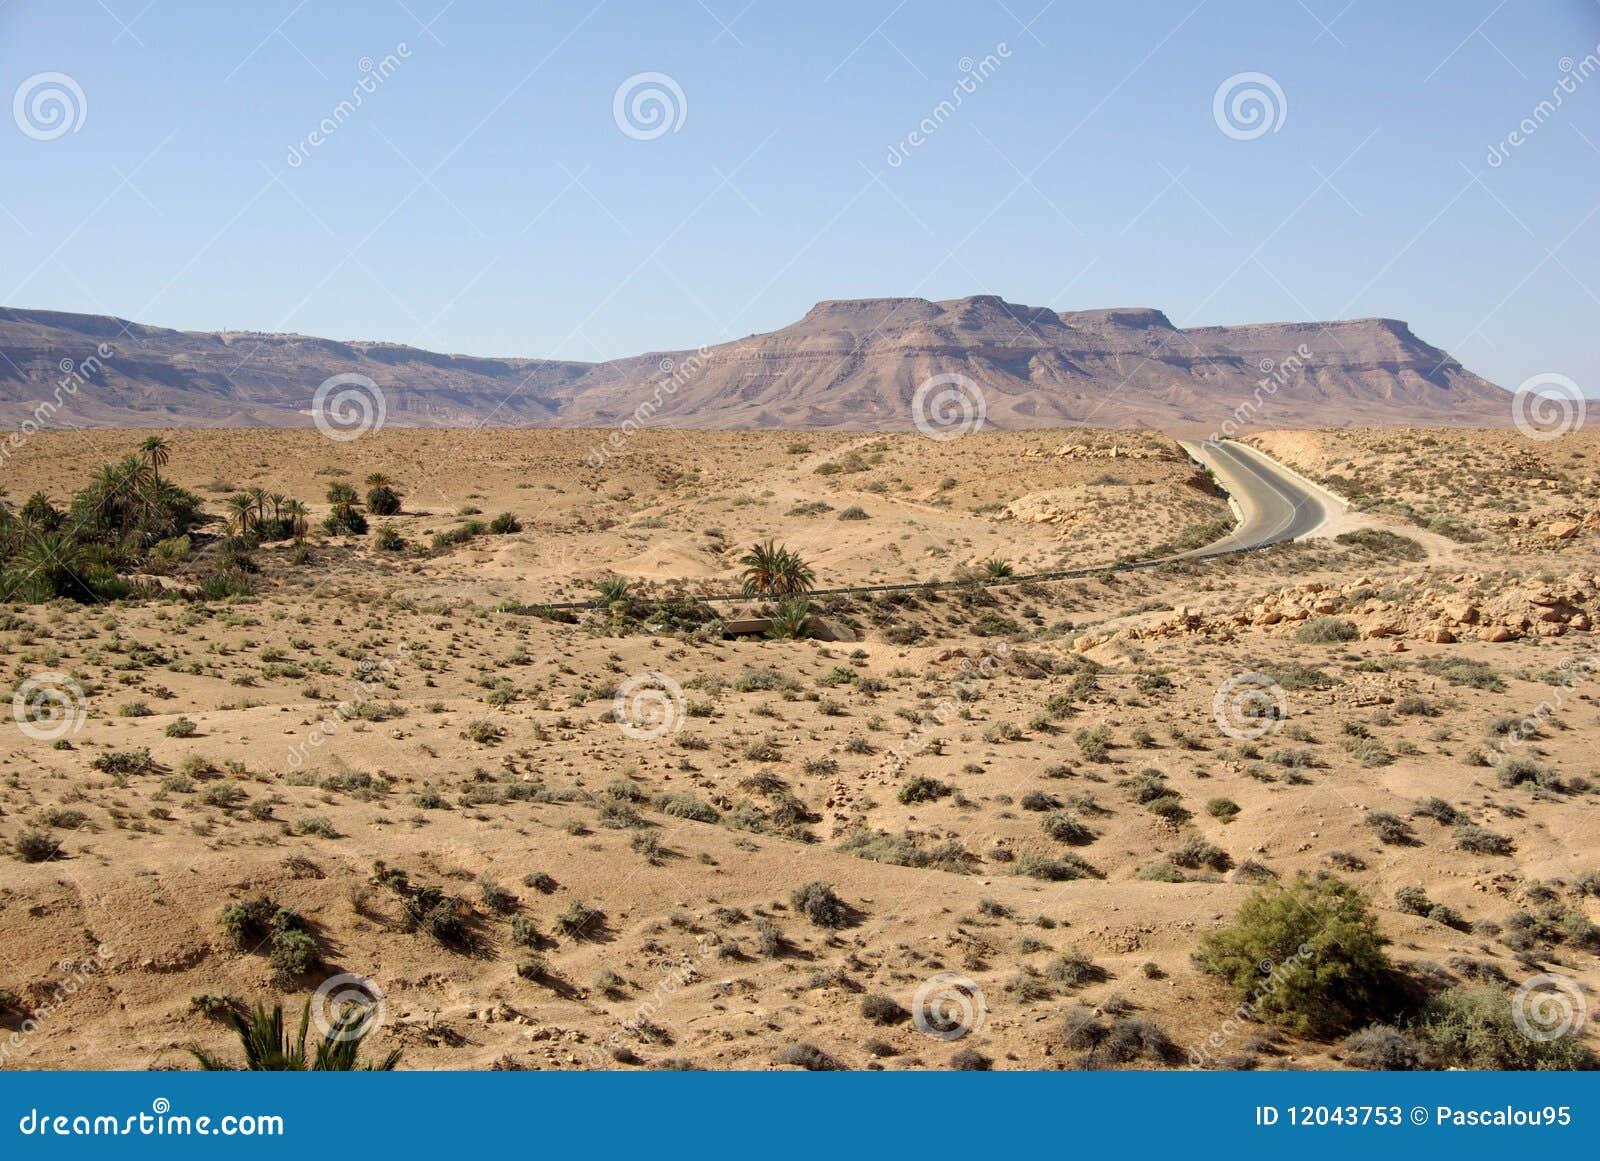 Camel Caravan Libya Landscape Wallpaper Landscape Photo Shared By ...